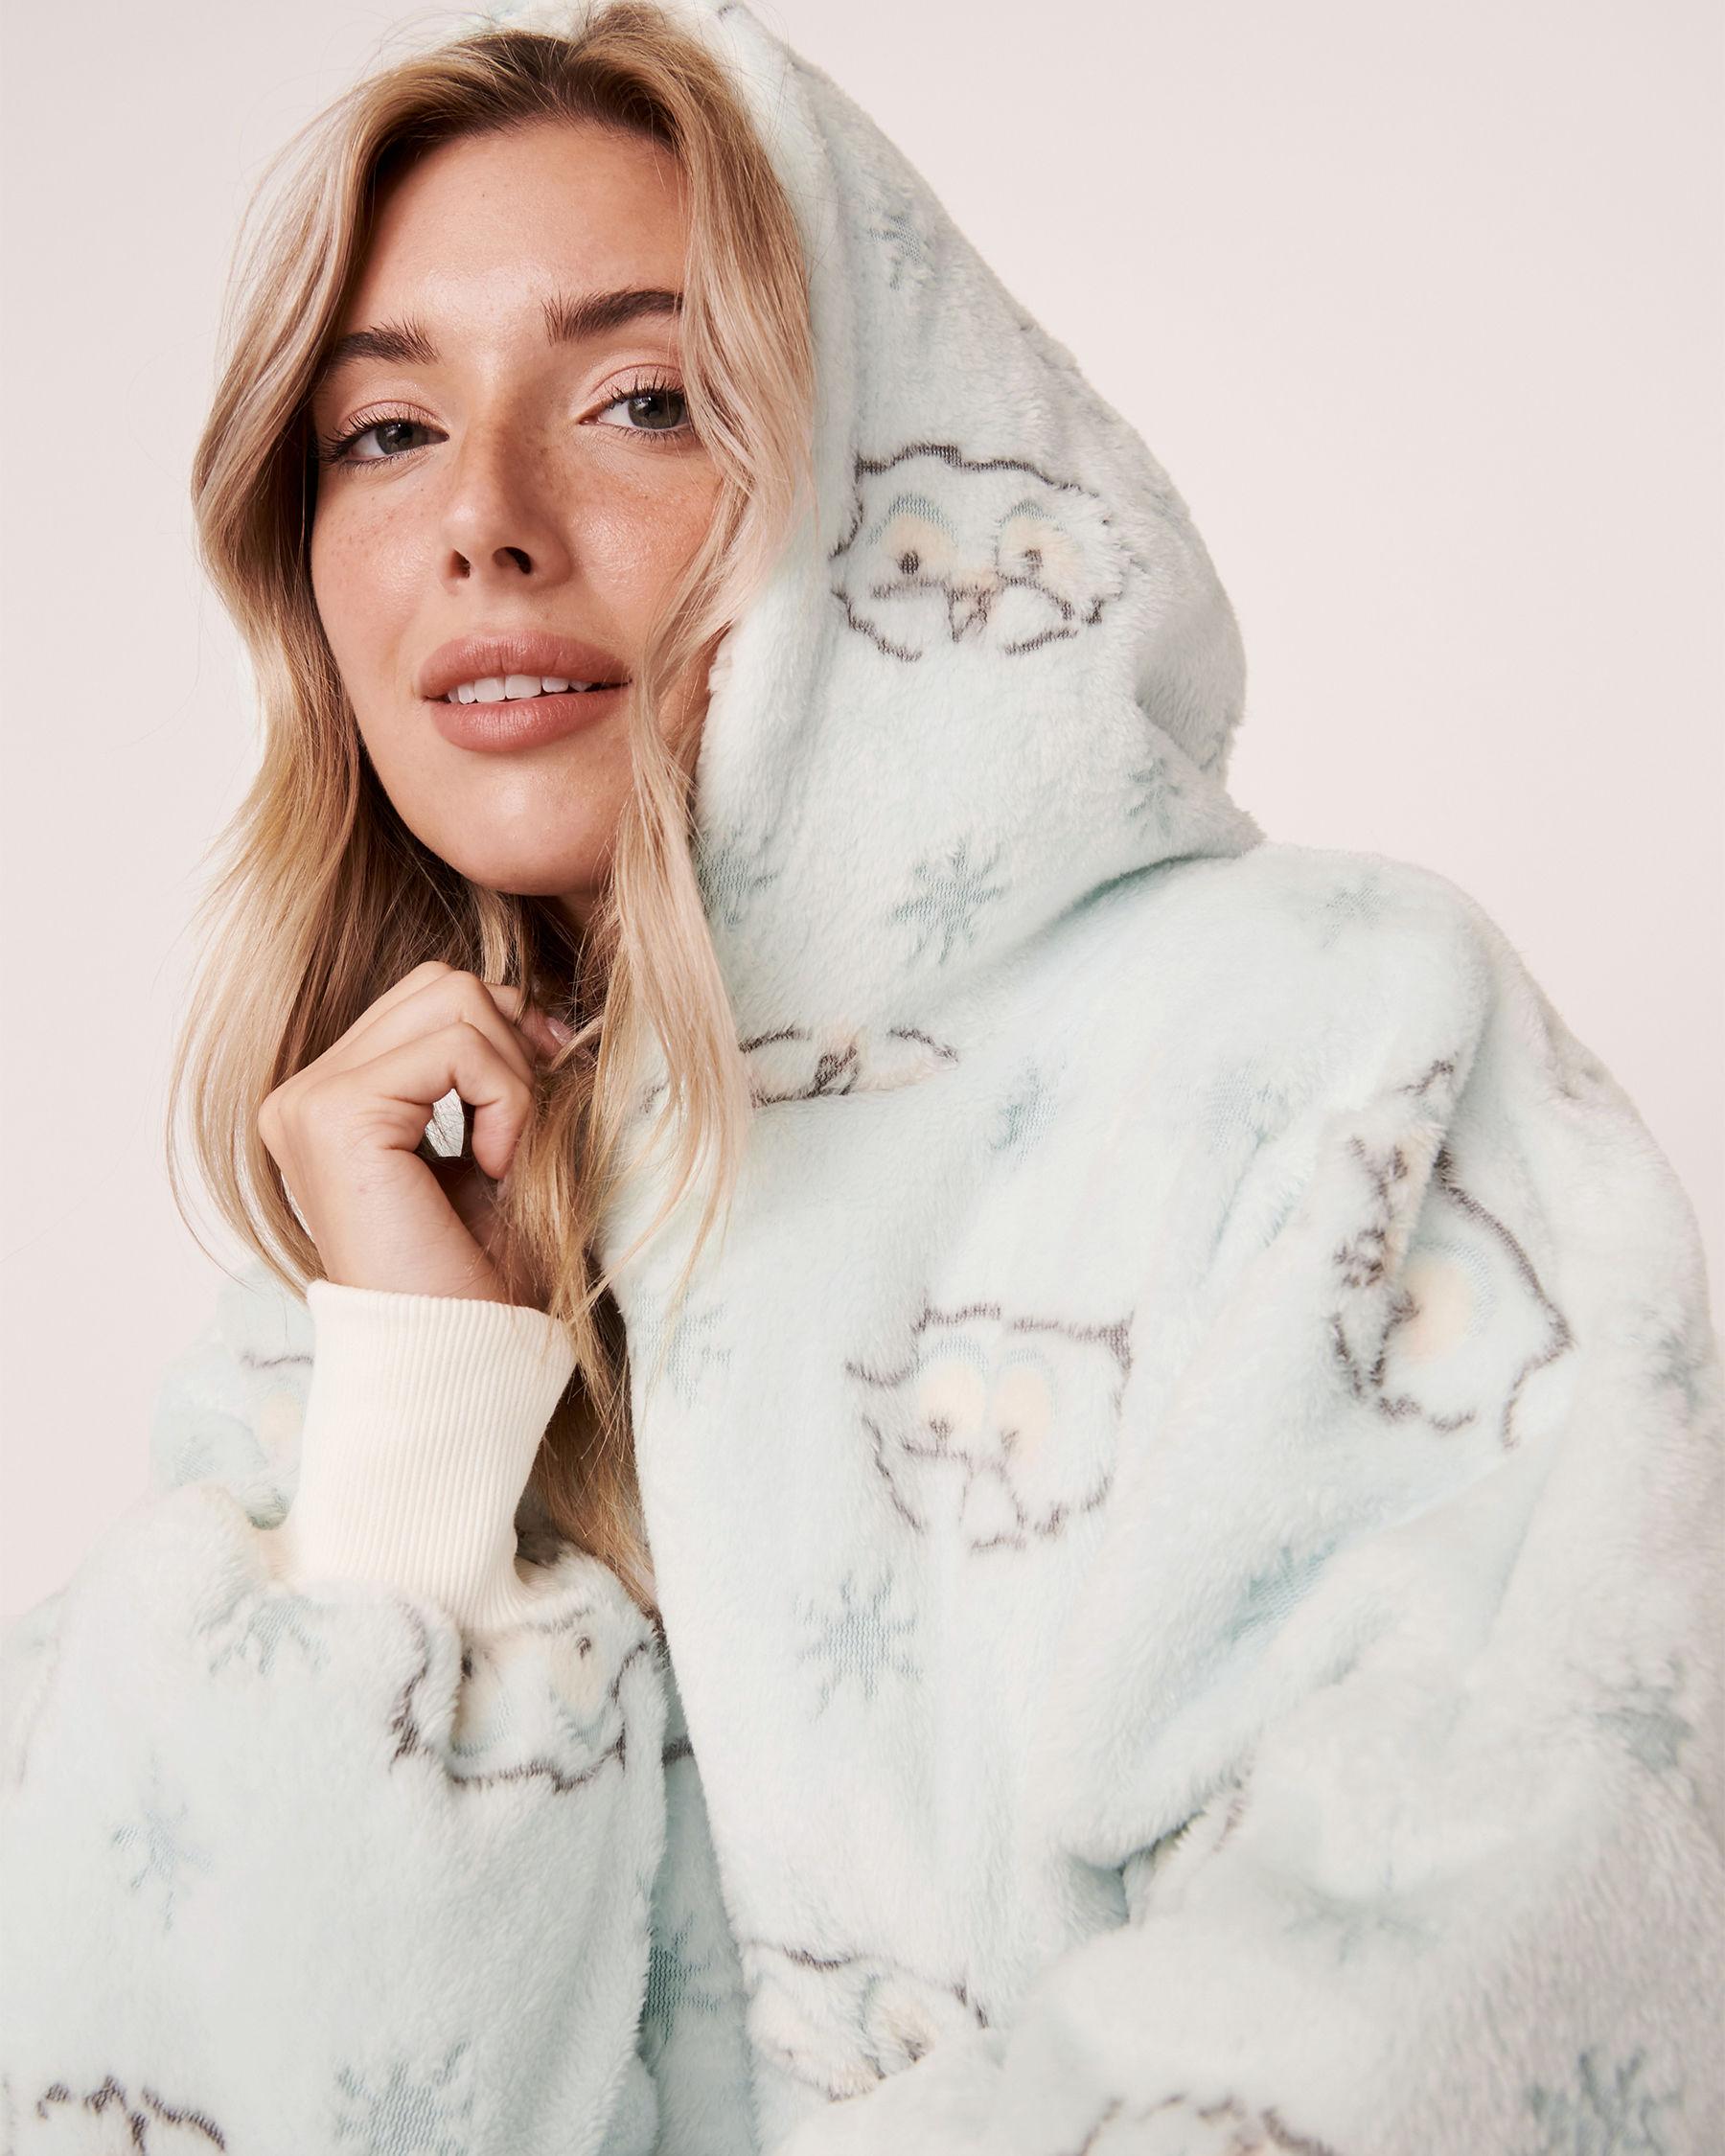 LA VIE EN ROSE Oversized Hoodie Owl 40700073 - View3